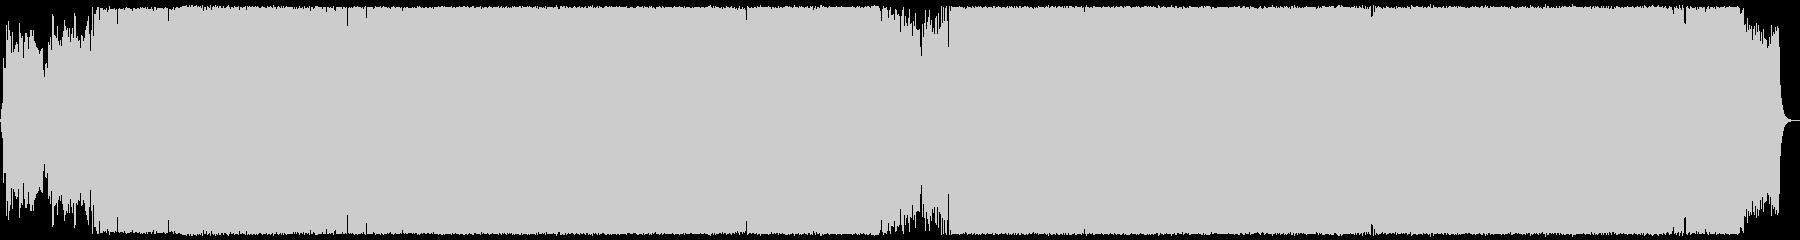 アニソン風の軽快なJPopの未再生の波形